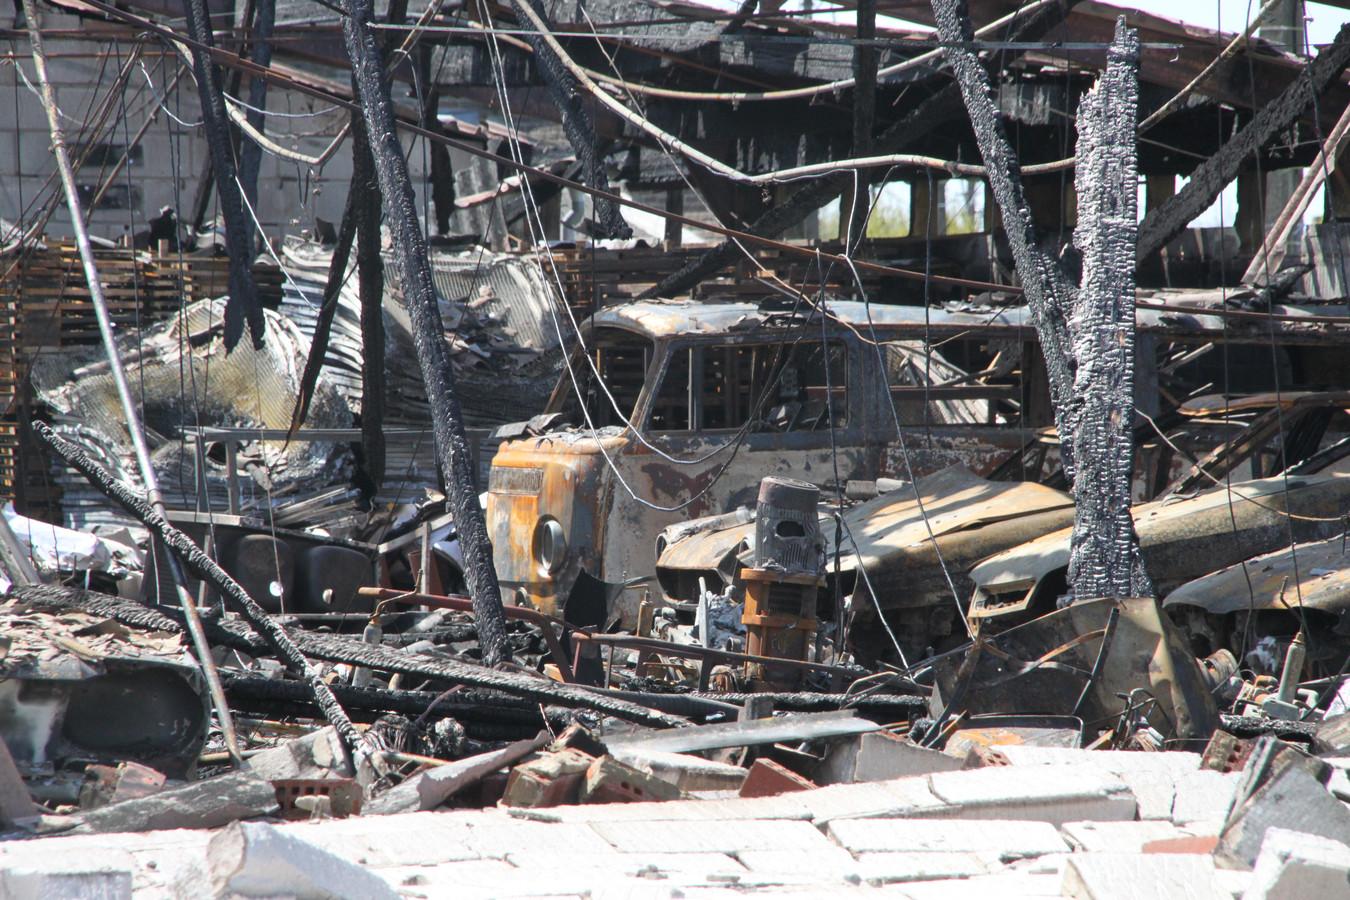 Tussen de uitgebrande auto's valt het silhouet van een Volkswagenbusje op.